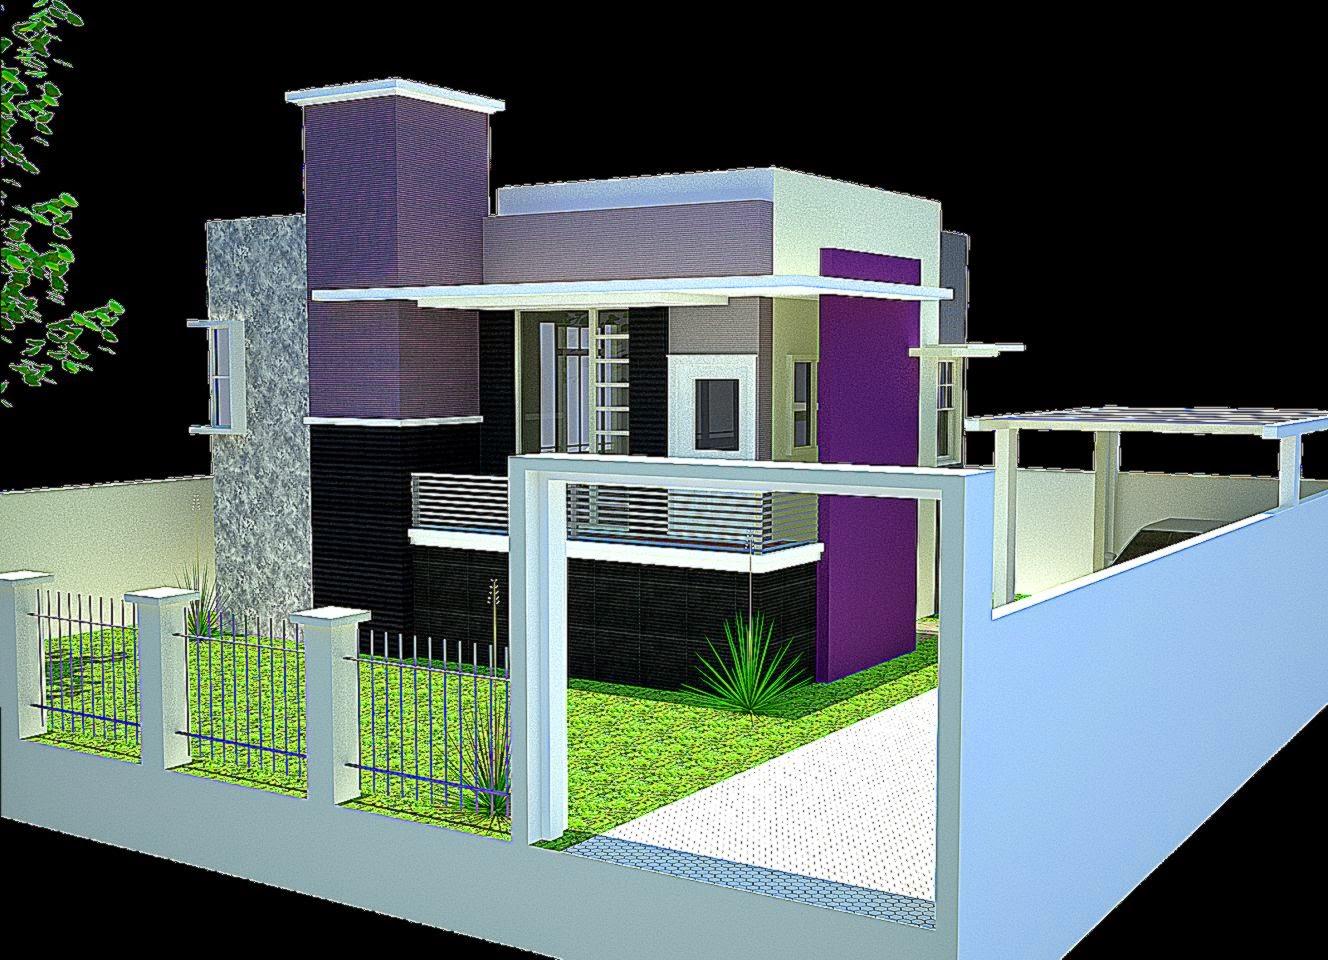 Gambar Warna Cat Rumah Minimalis Terbaru 2015  Lensarumah